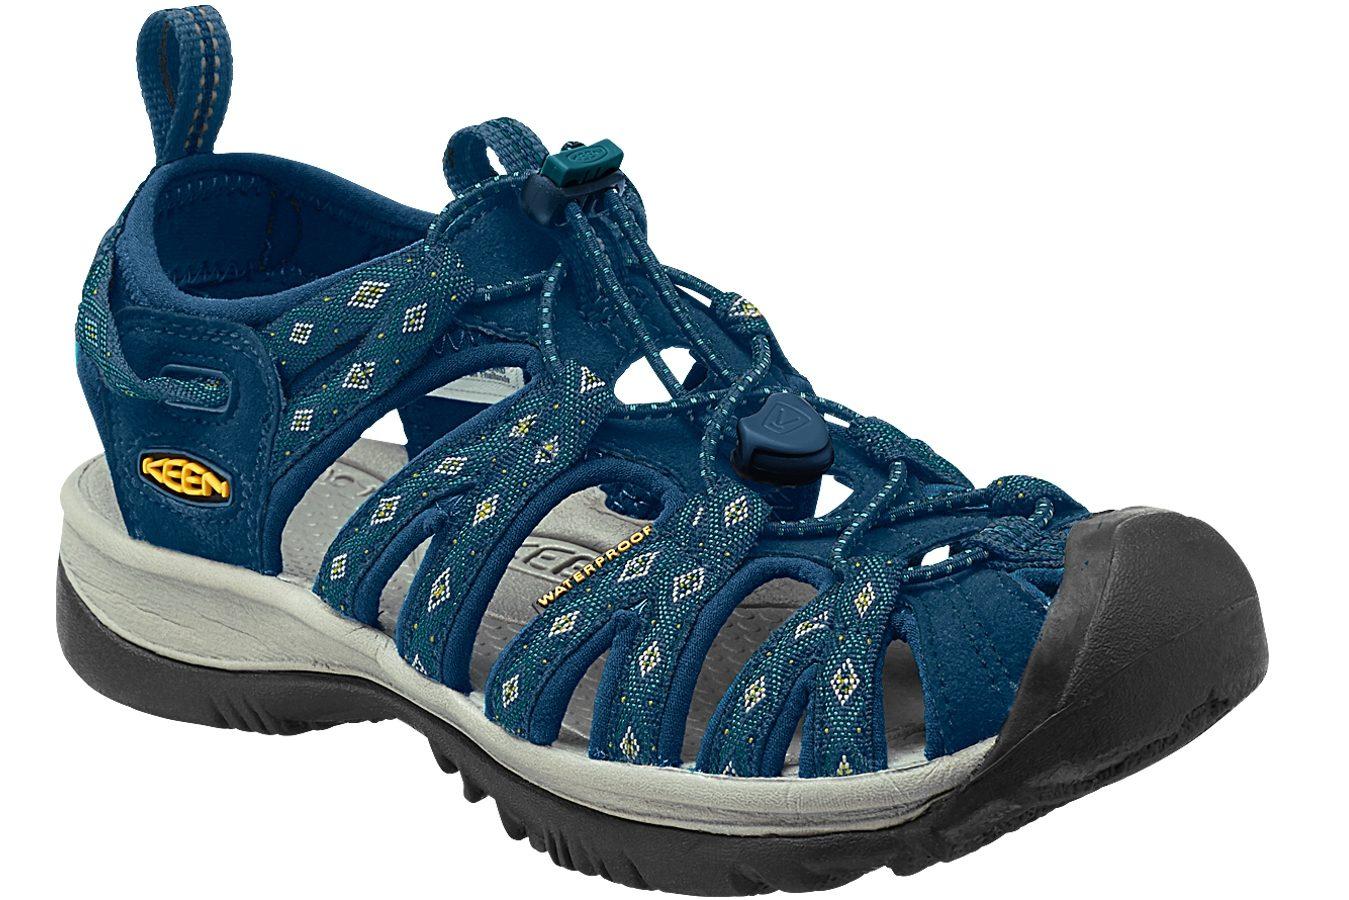 Keen Sandale »Whisper Sandals Women«